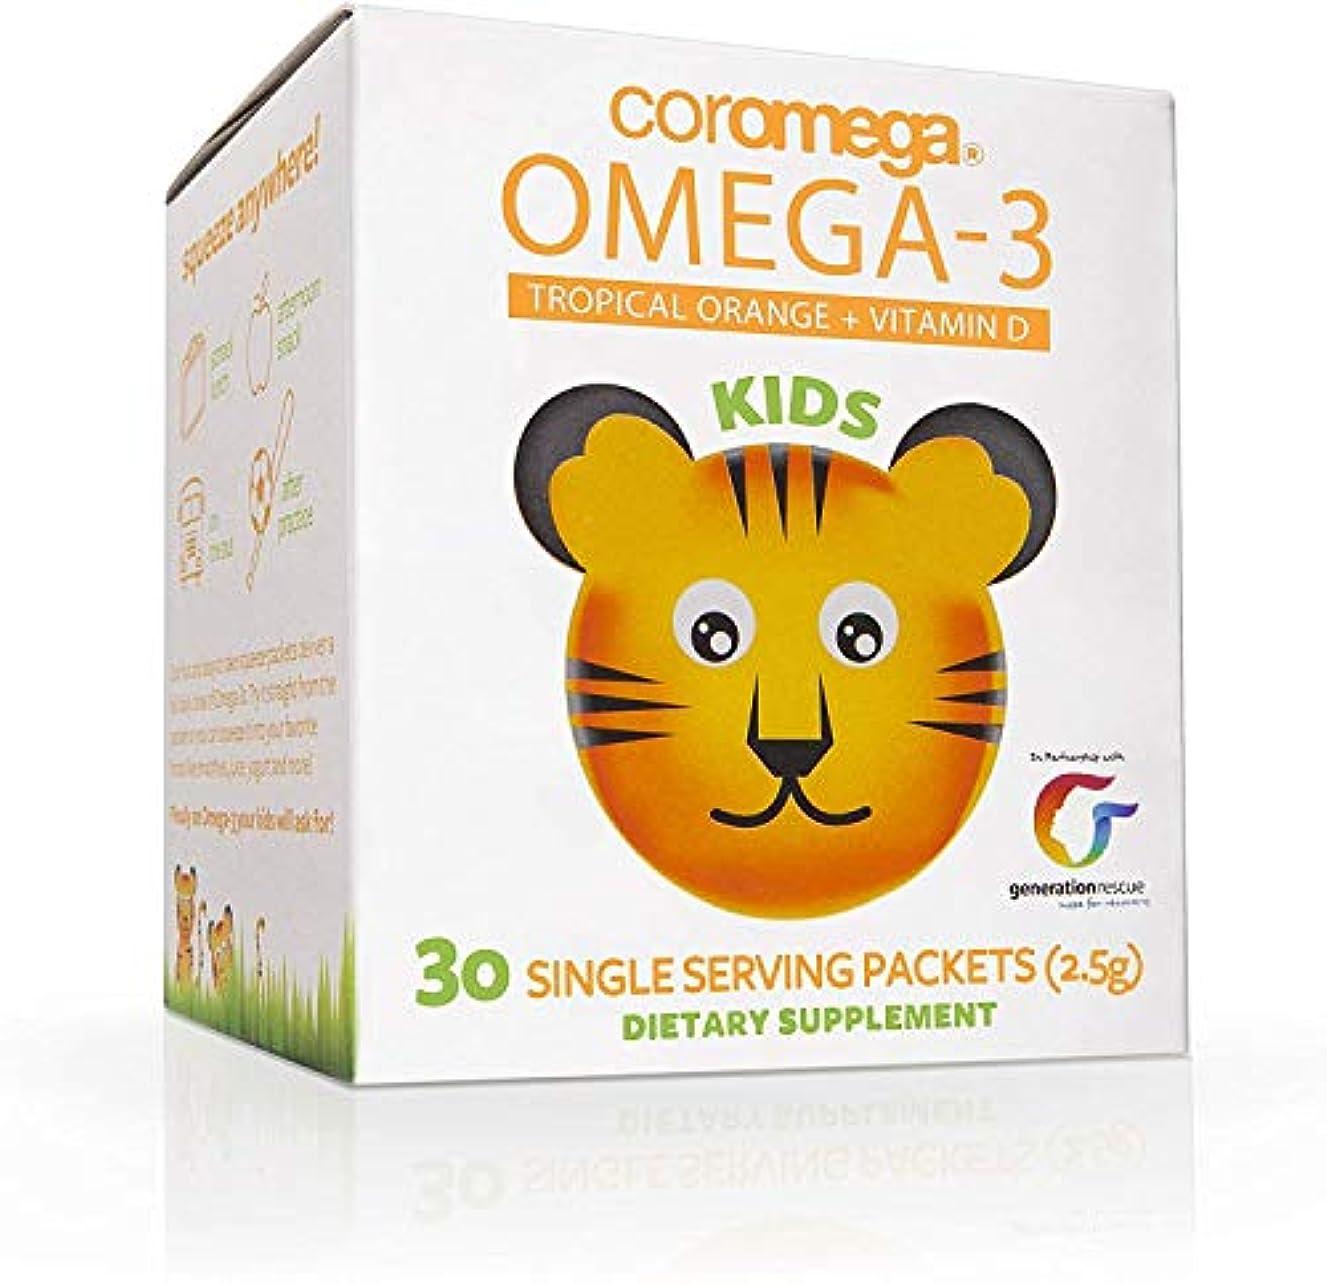 シャットドラッグ外交問題Coromega - Omega-3 熱帯オレンジをからかう - 30個のシングルサーブパケットX 2 パック [並行輸入品]